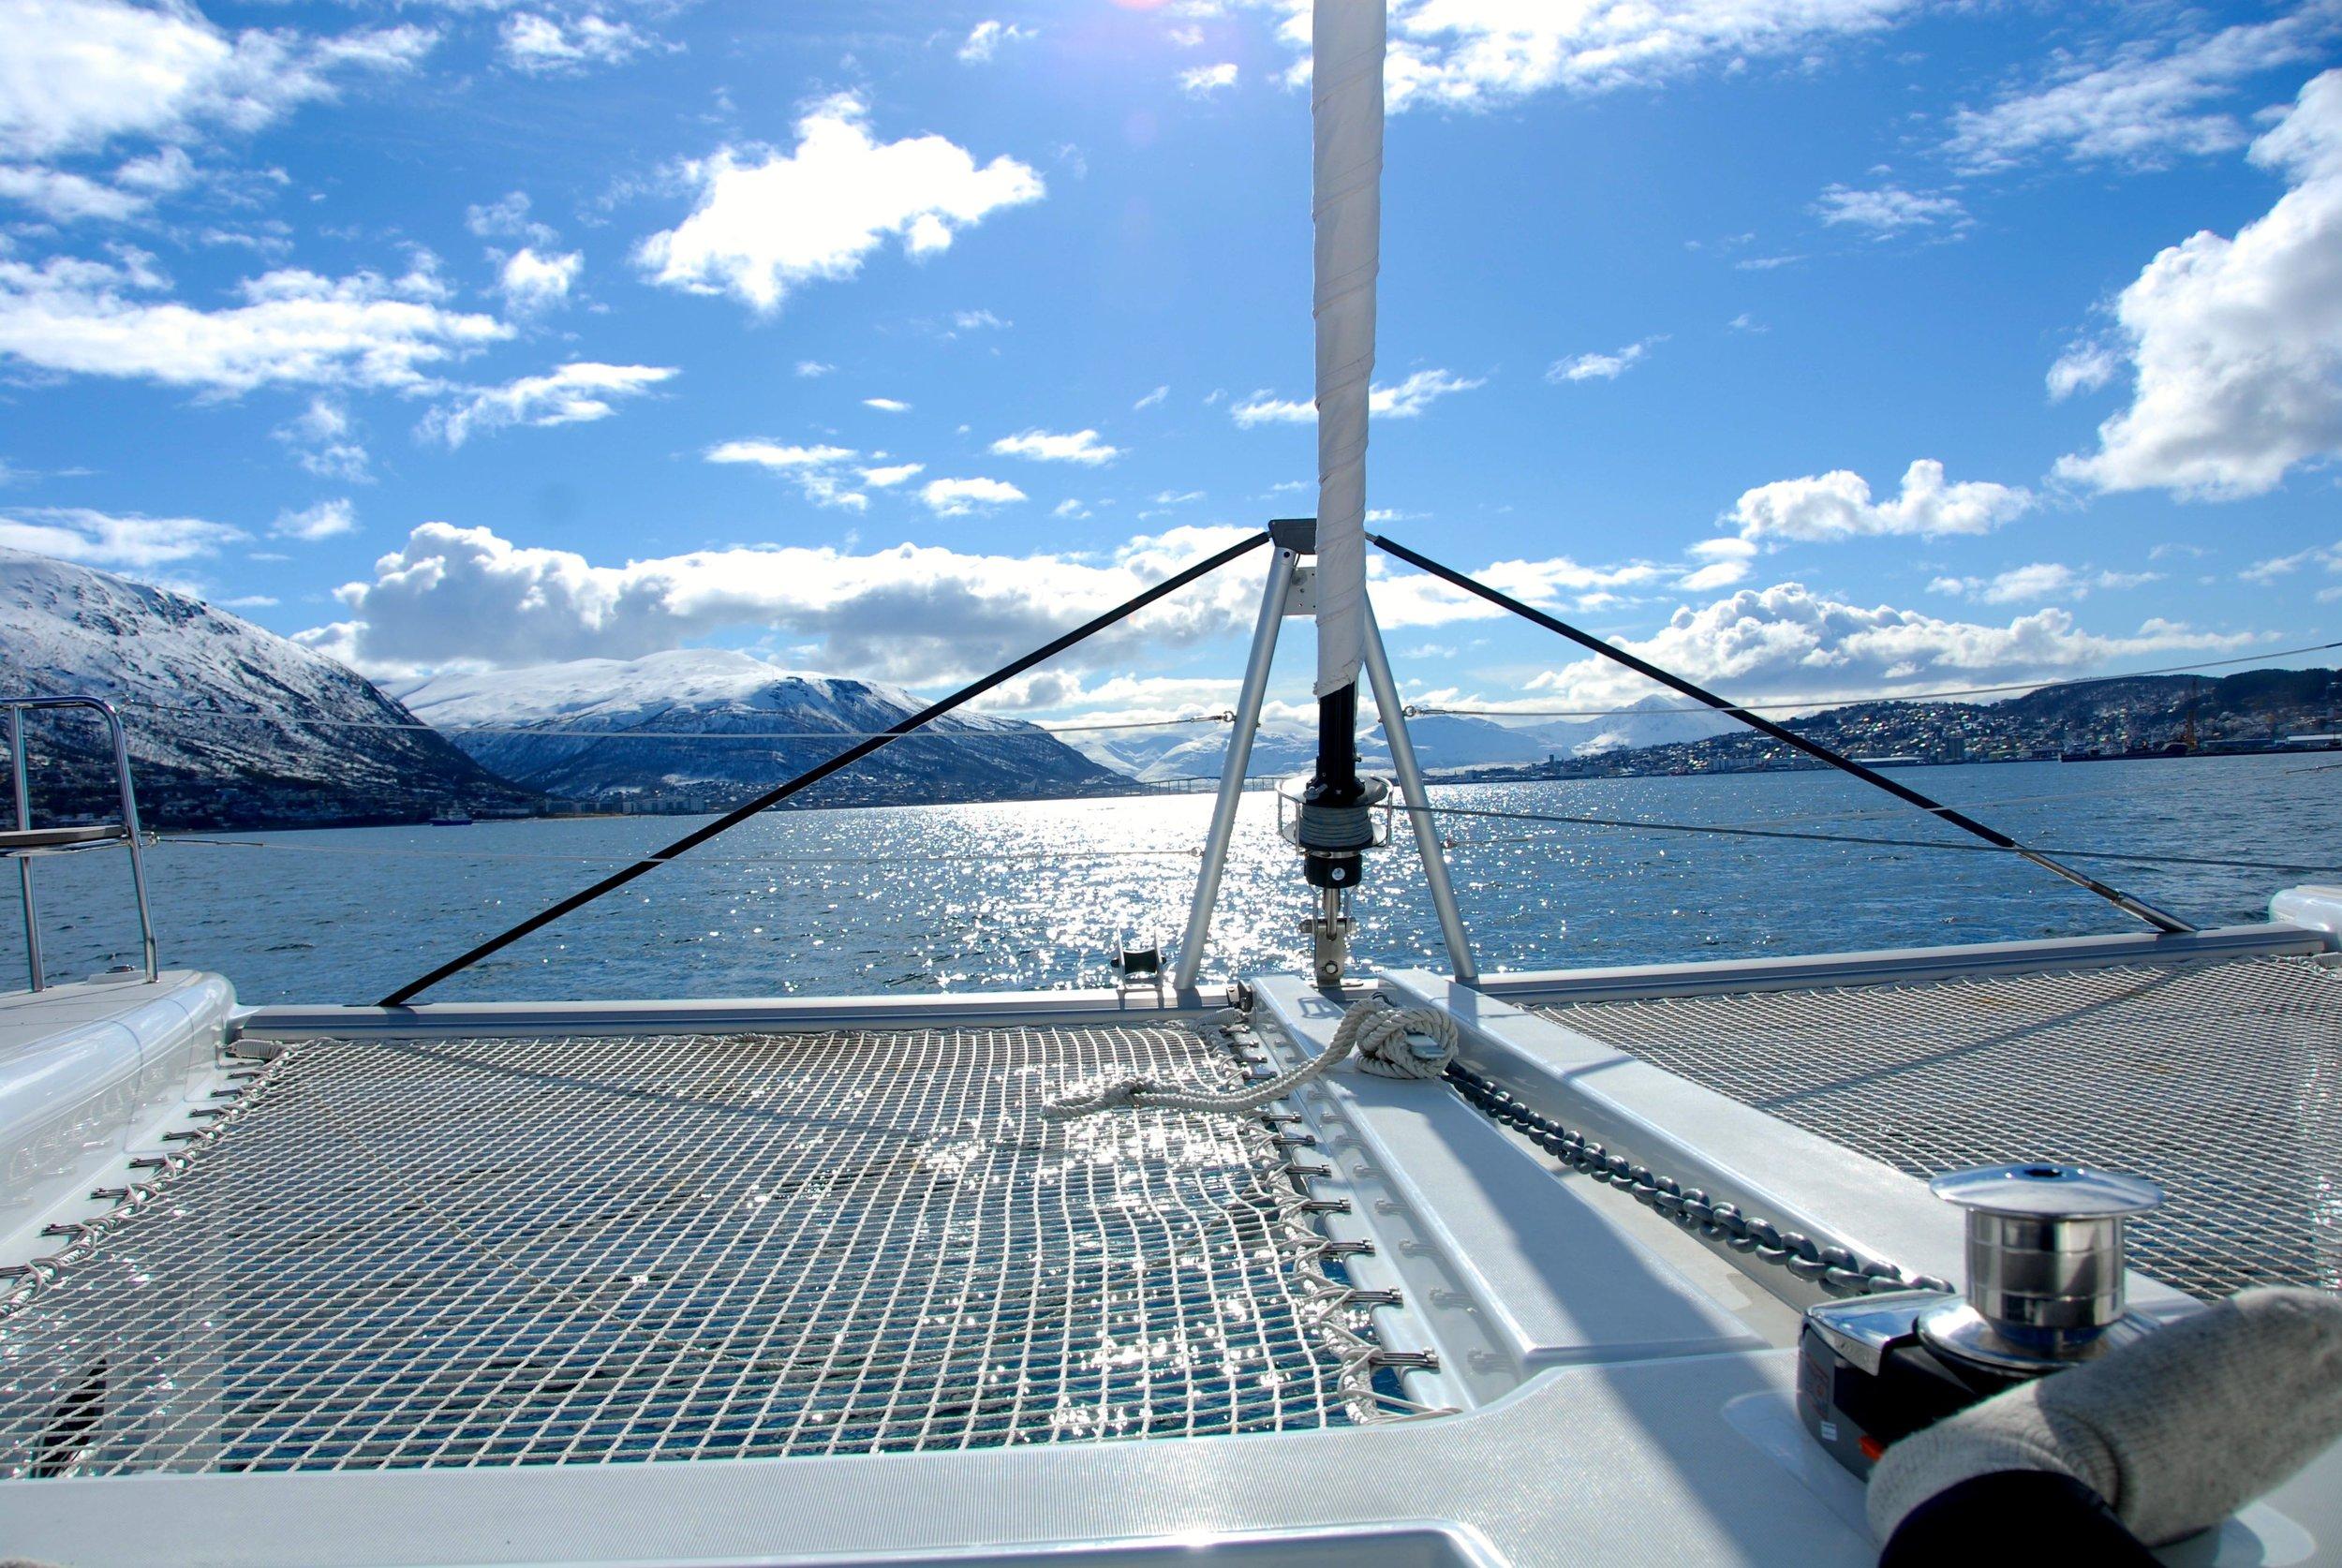 #Fjordcruise #Tromso